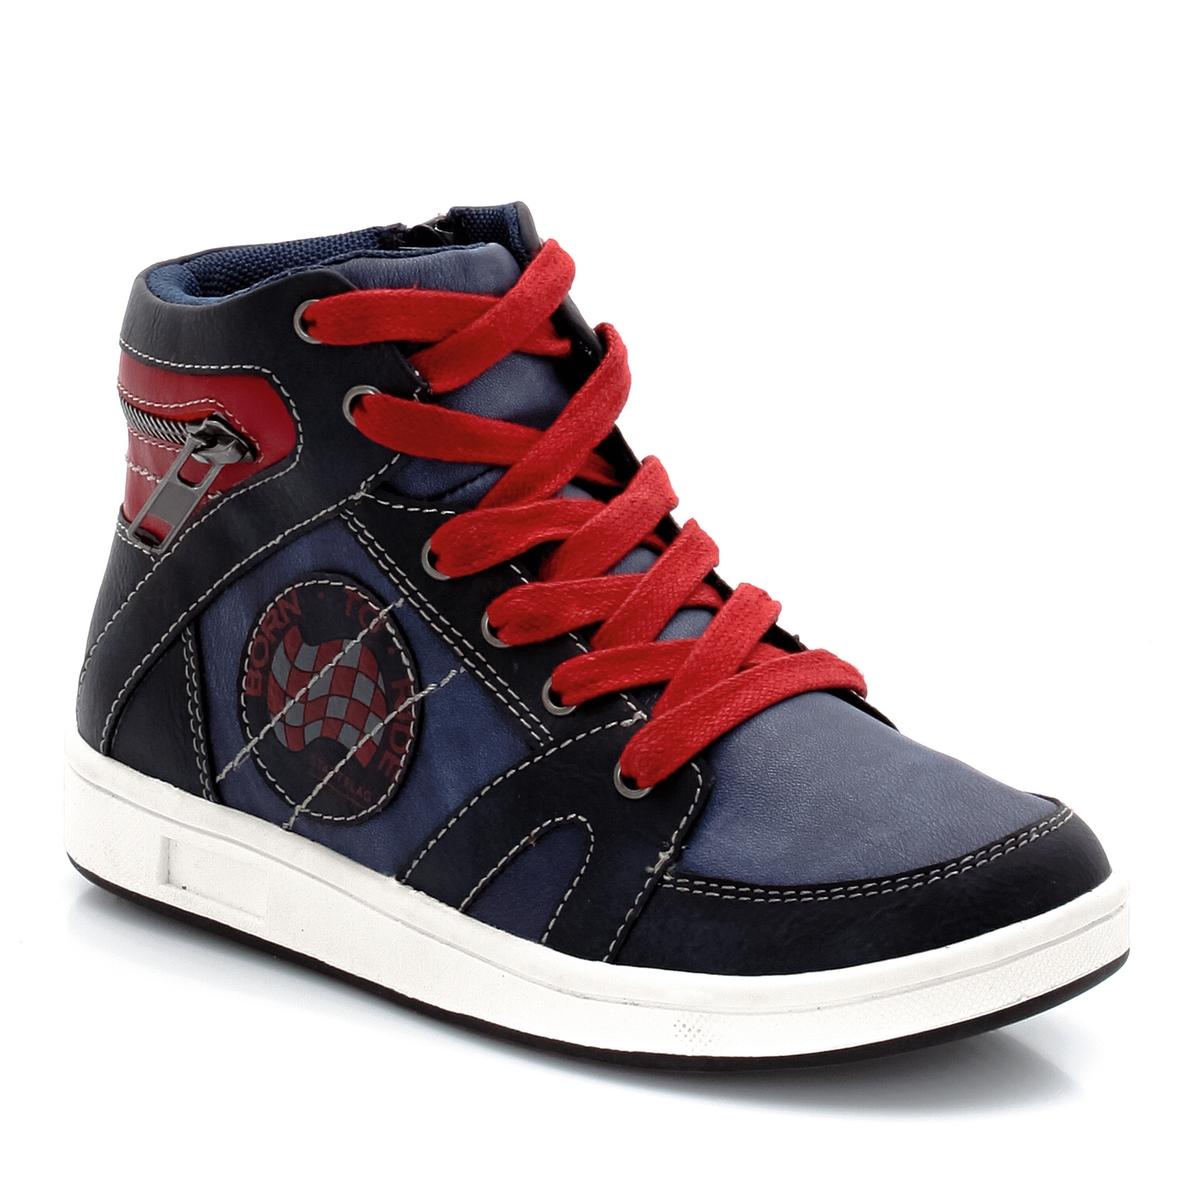 zapatillas Zapatillas deportivas de ca?a alta con cordones